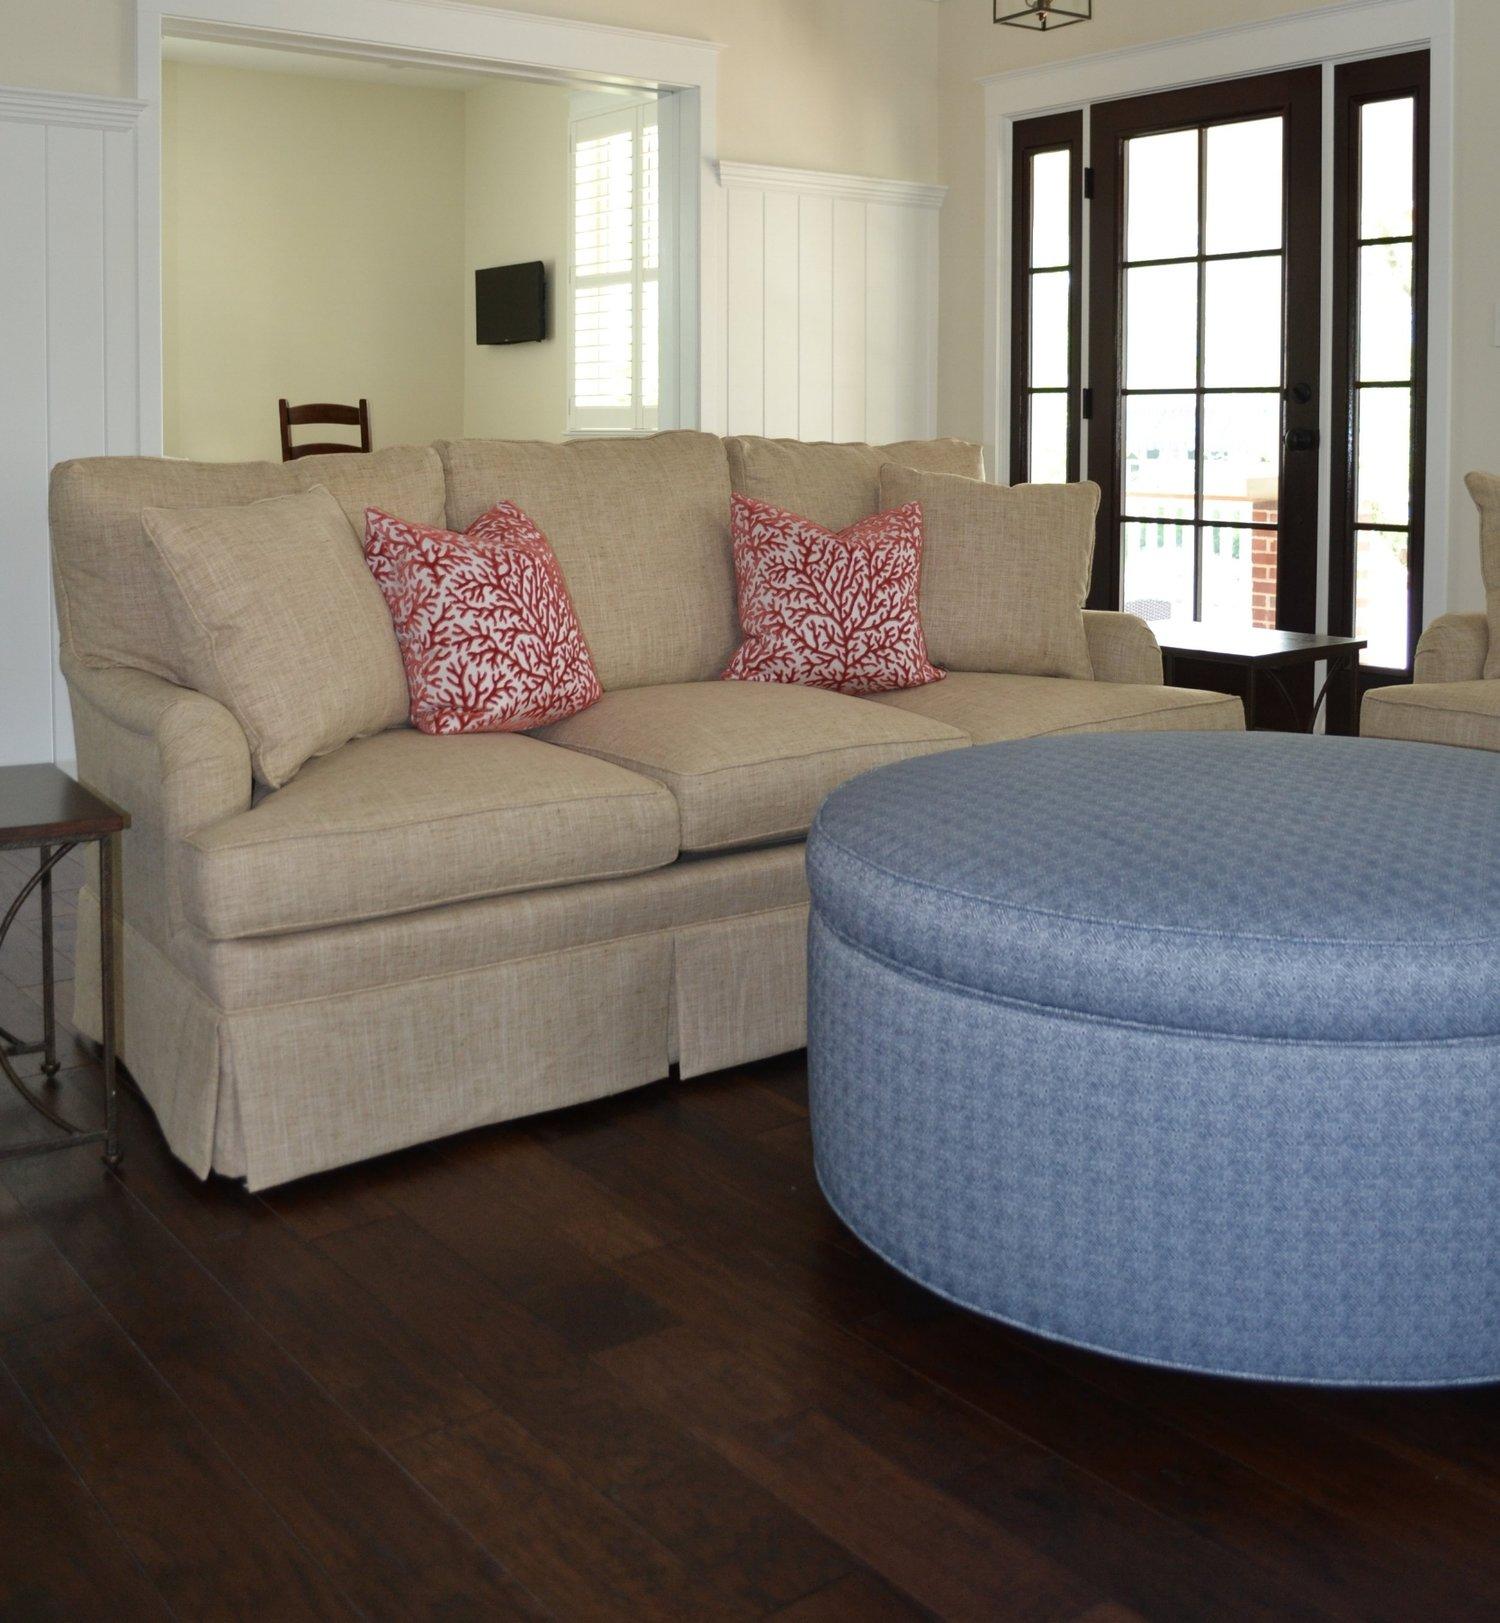 Hallman+sofa+and+storage+ottoman